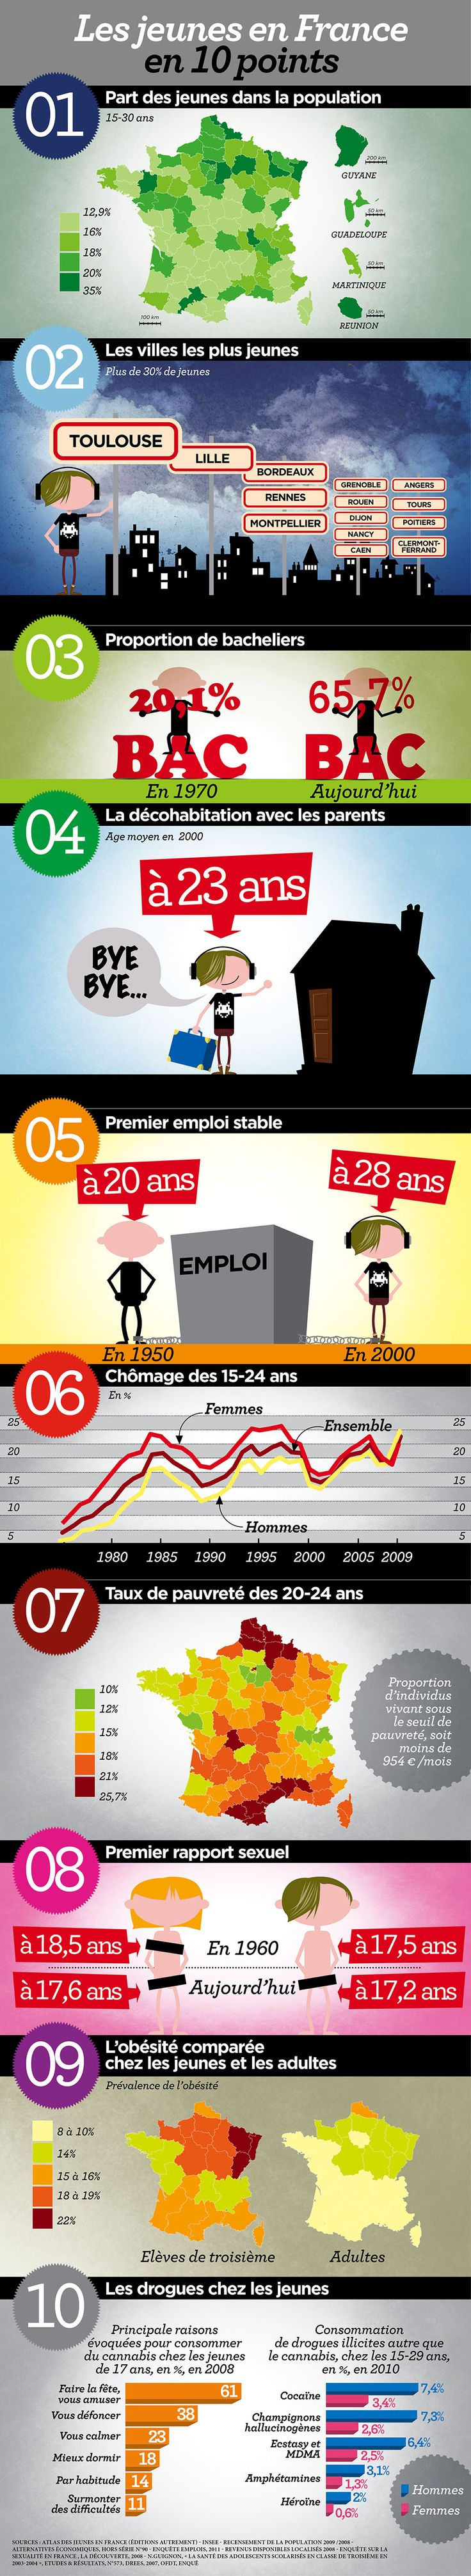 INFOGRAPHIE. Les jeunes en France en 10 points - Le Nouvel Observateur